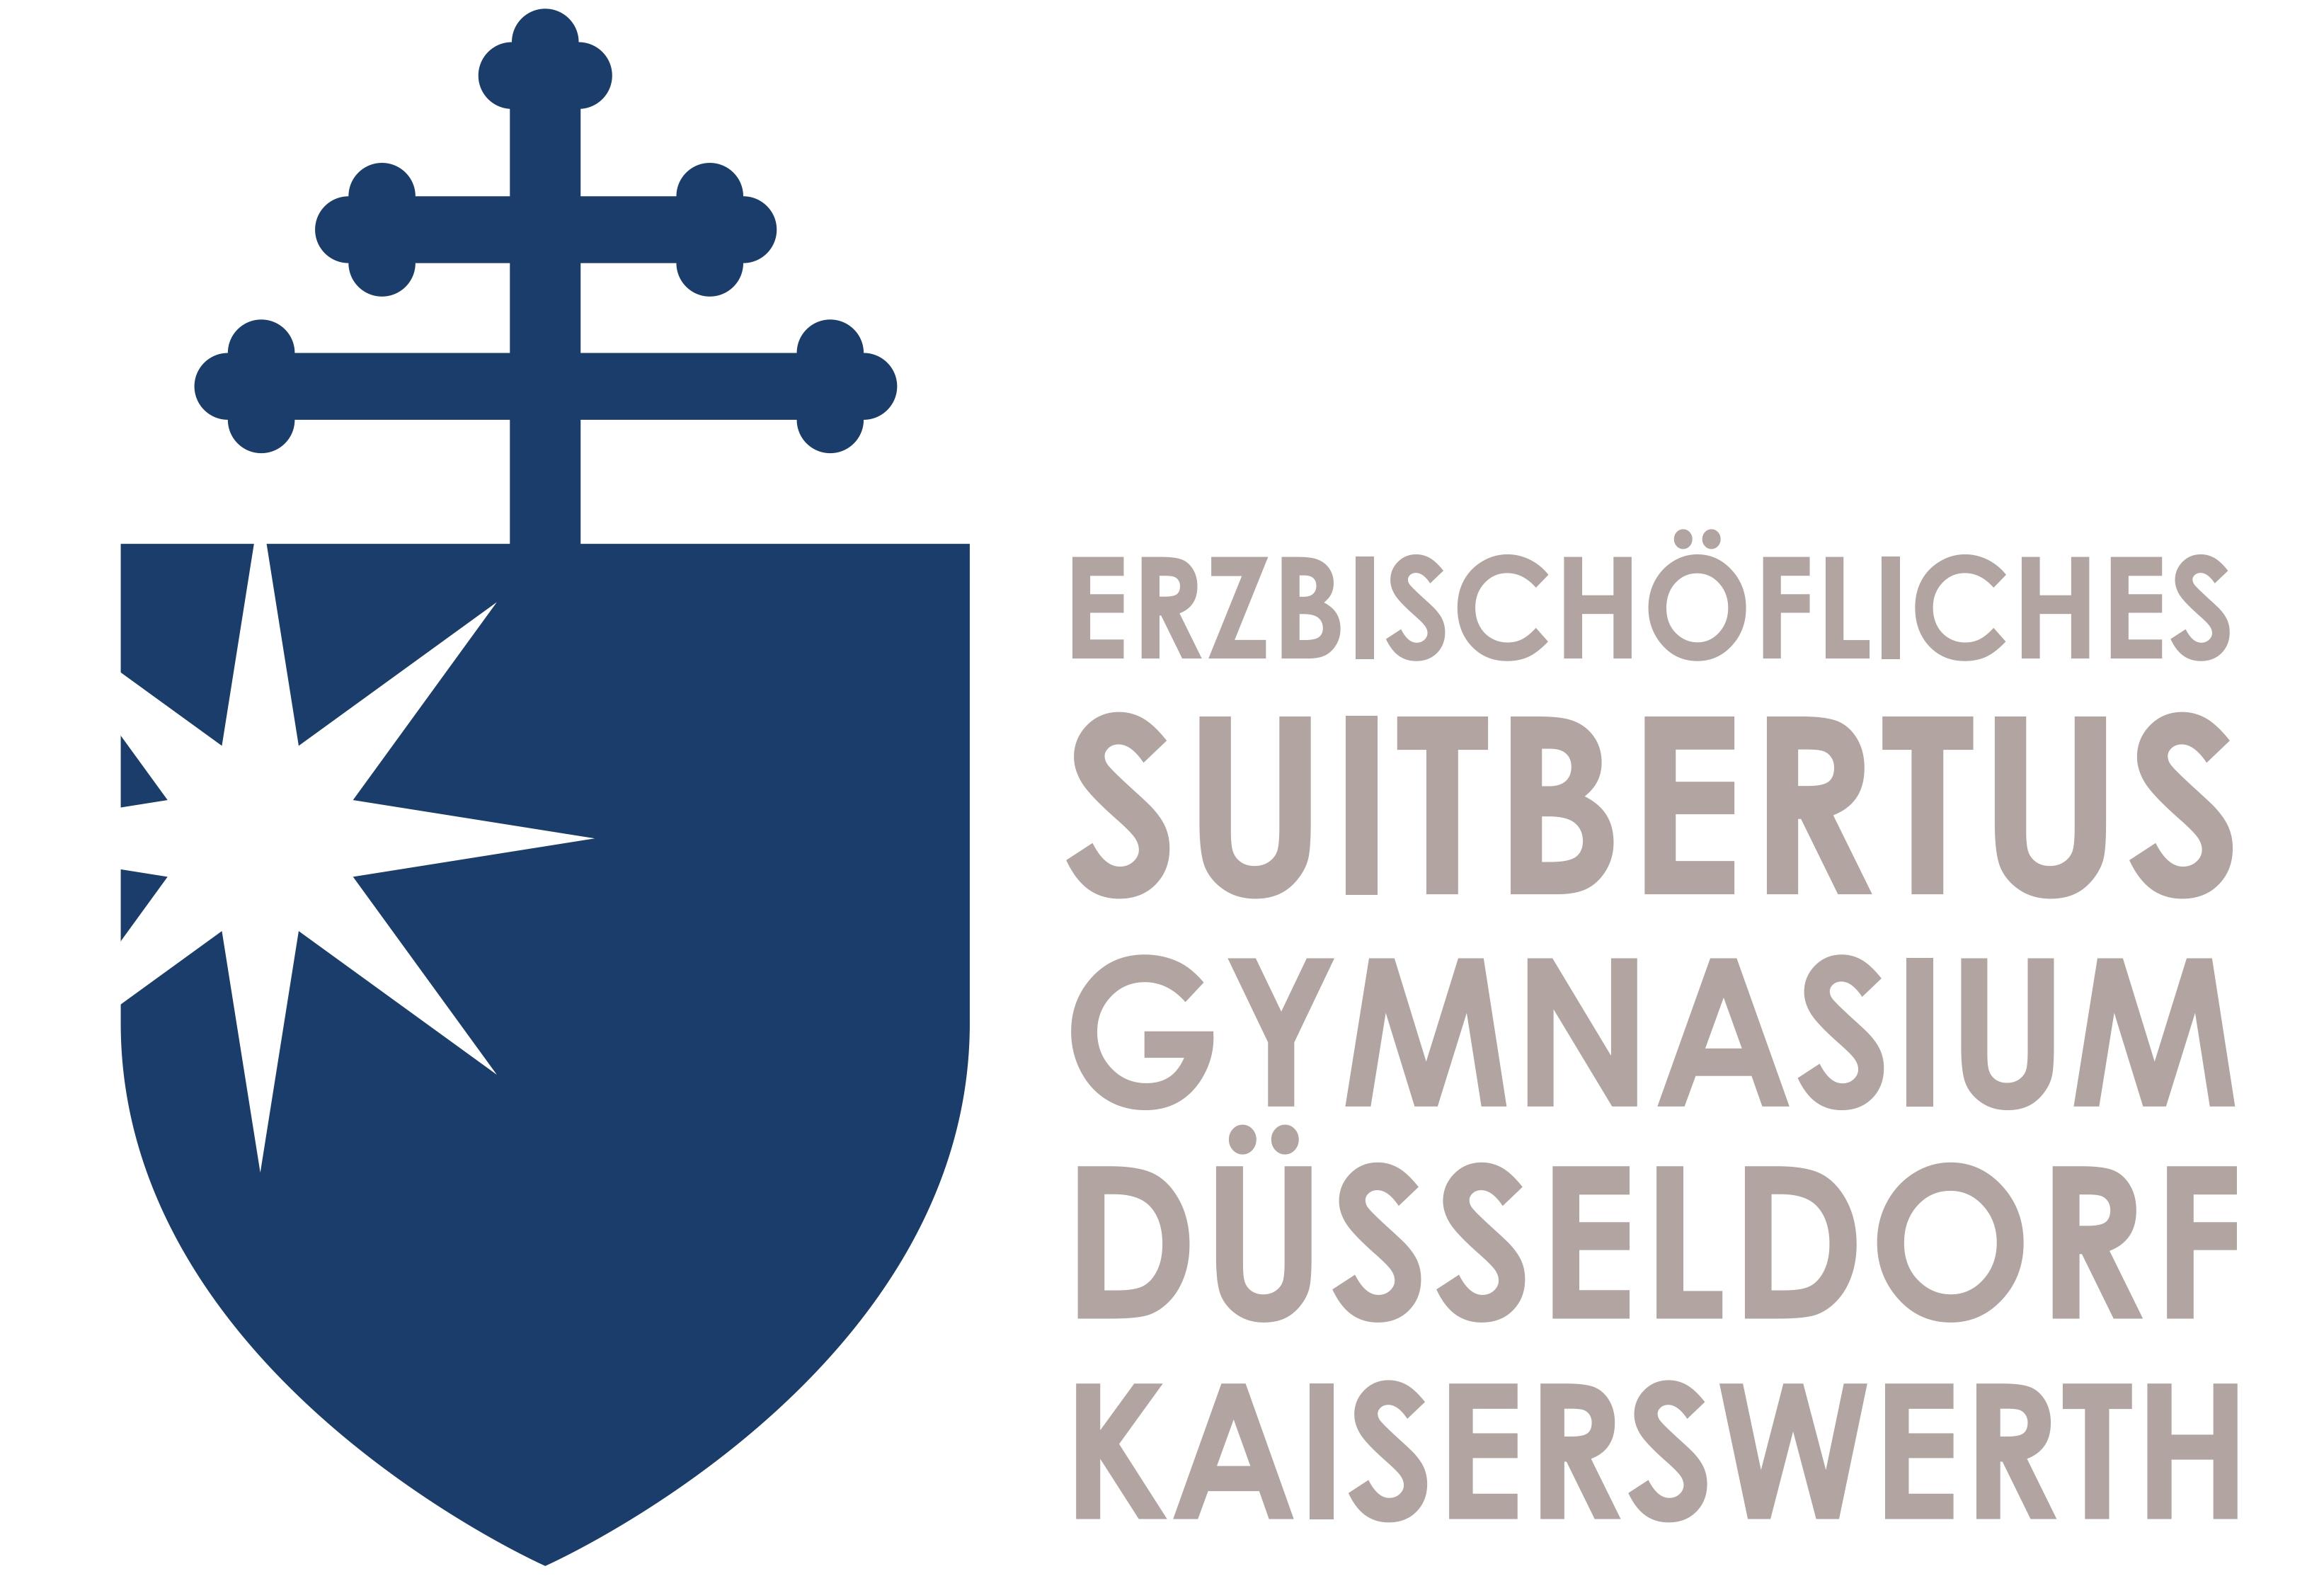 Erzbischöfliches Suitbertus Gymnasium Düsseldorf Kaiserswerth